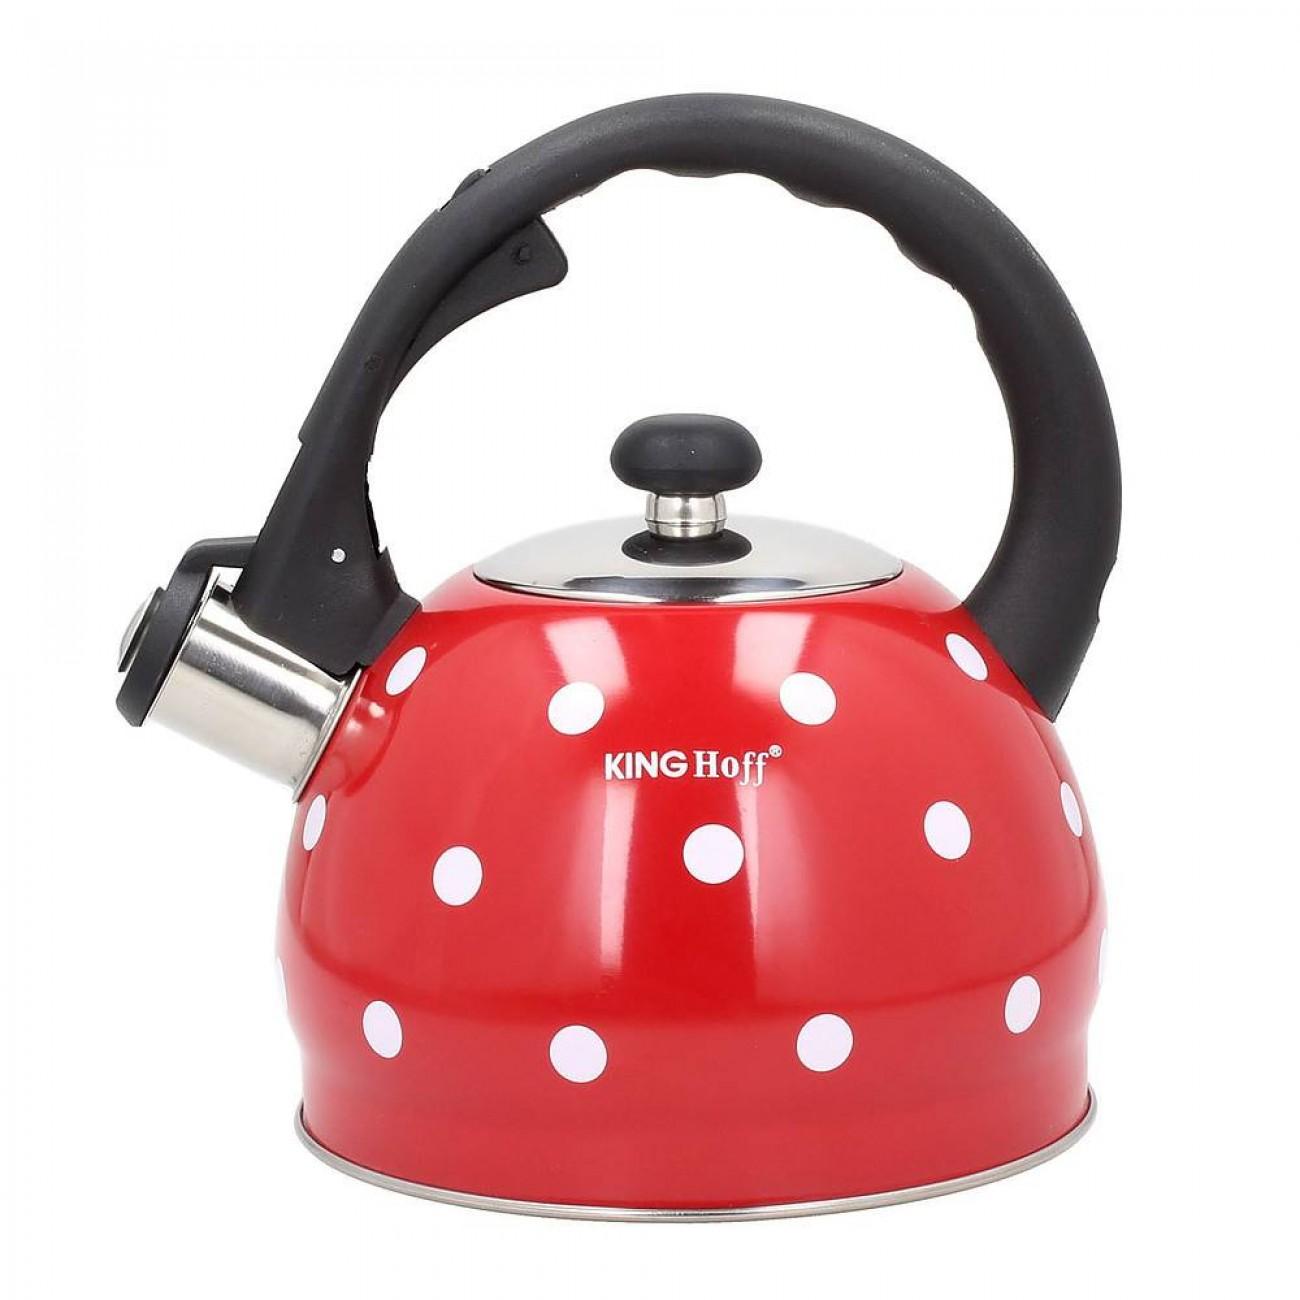 Свирещ чайник Kinghoff KH 1052, 2,6 литра, Топлоизолирана дръжка, Подходящ за индукция, Неръждаема стомана, Червен/бял в Чайници - Kinghoff | Alleop